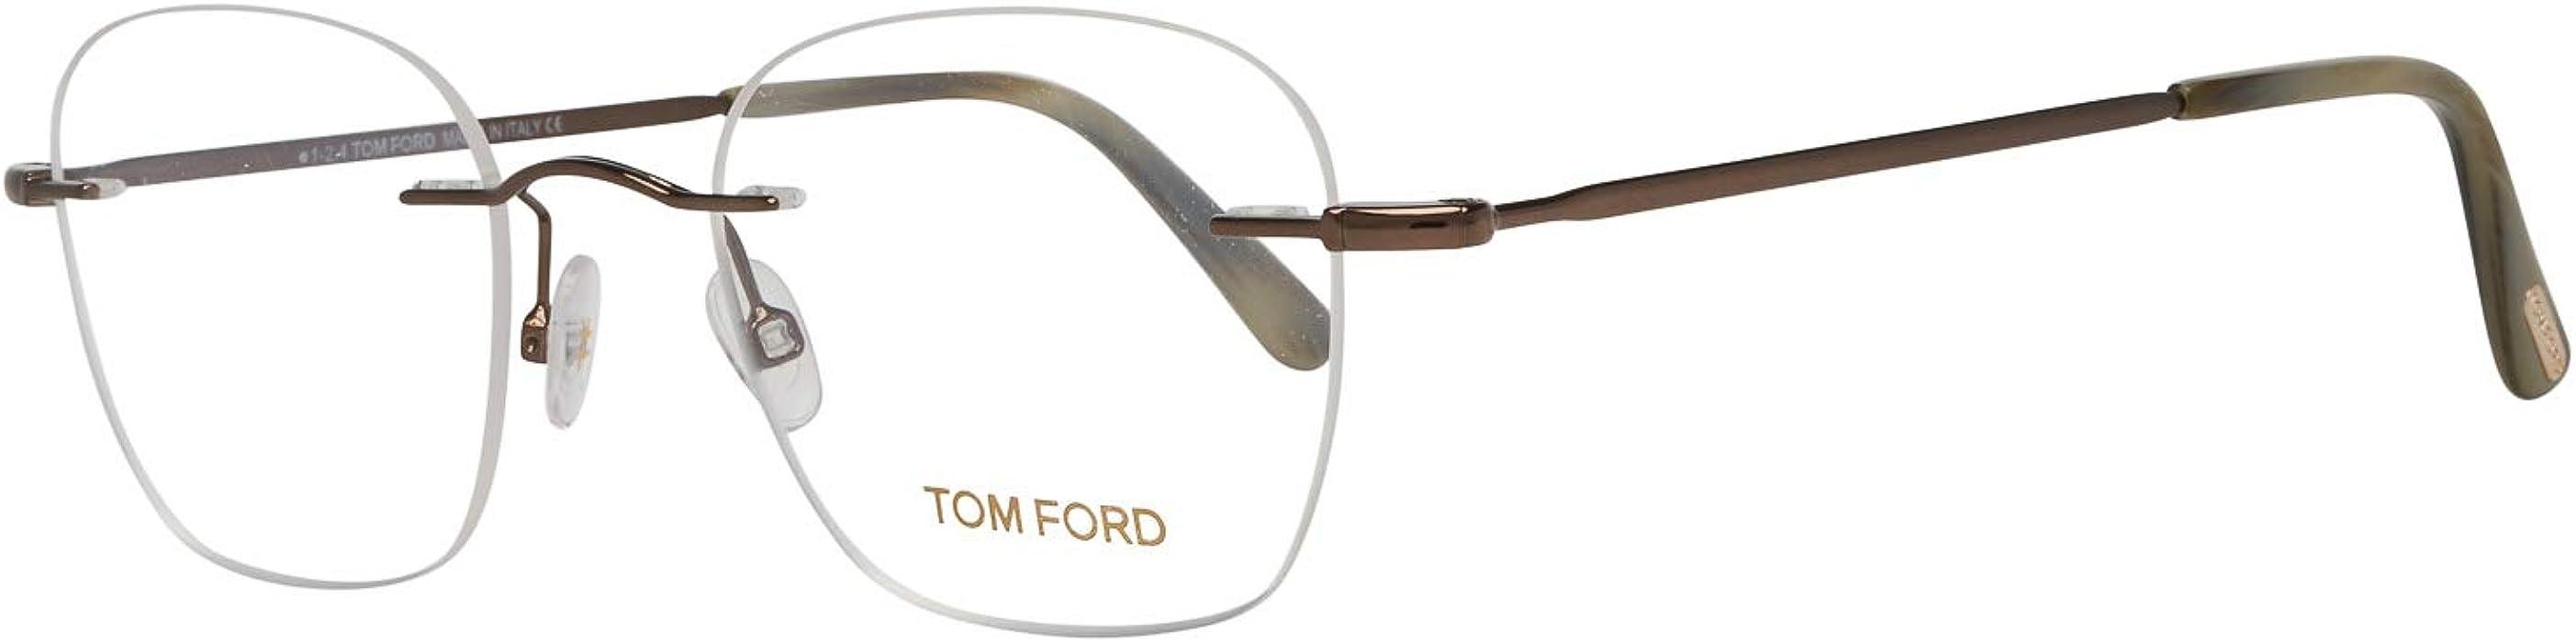 AdulteMarron Tom 036 Ford Mixte De Soleil Ft5341 Brille 49Lunettes CWdxoBre